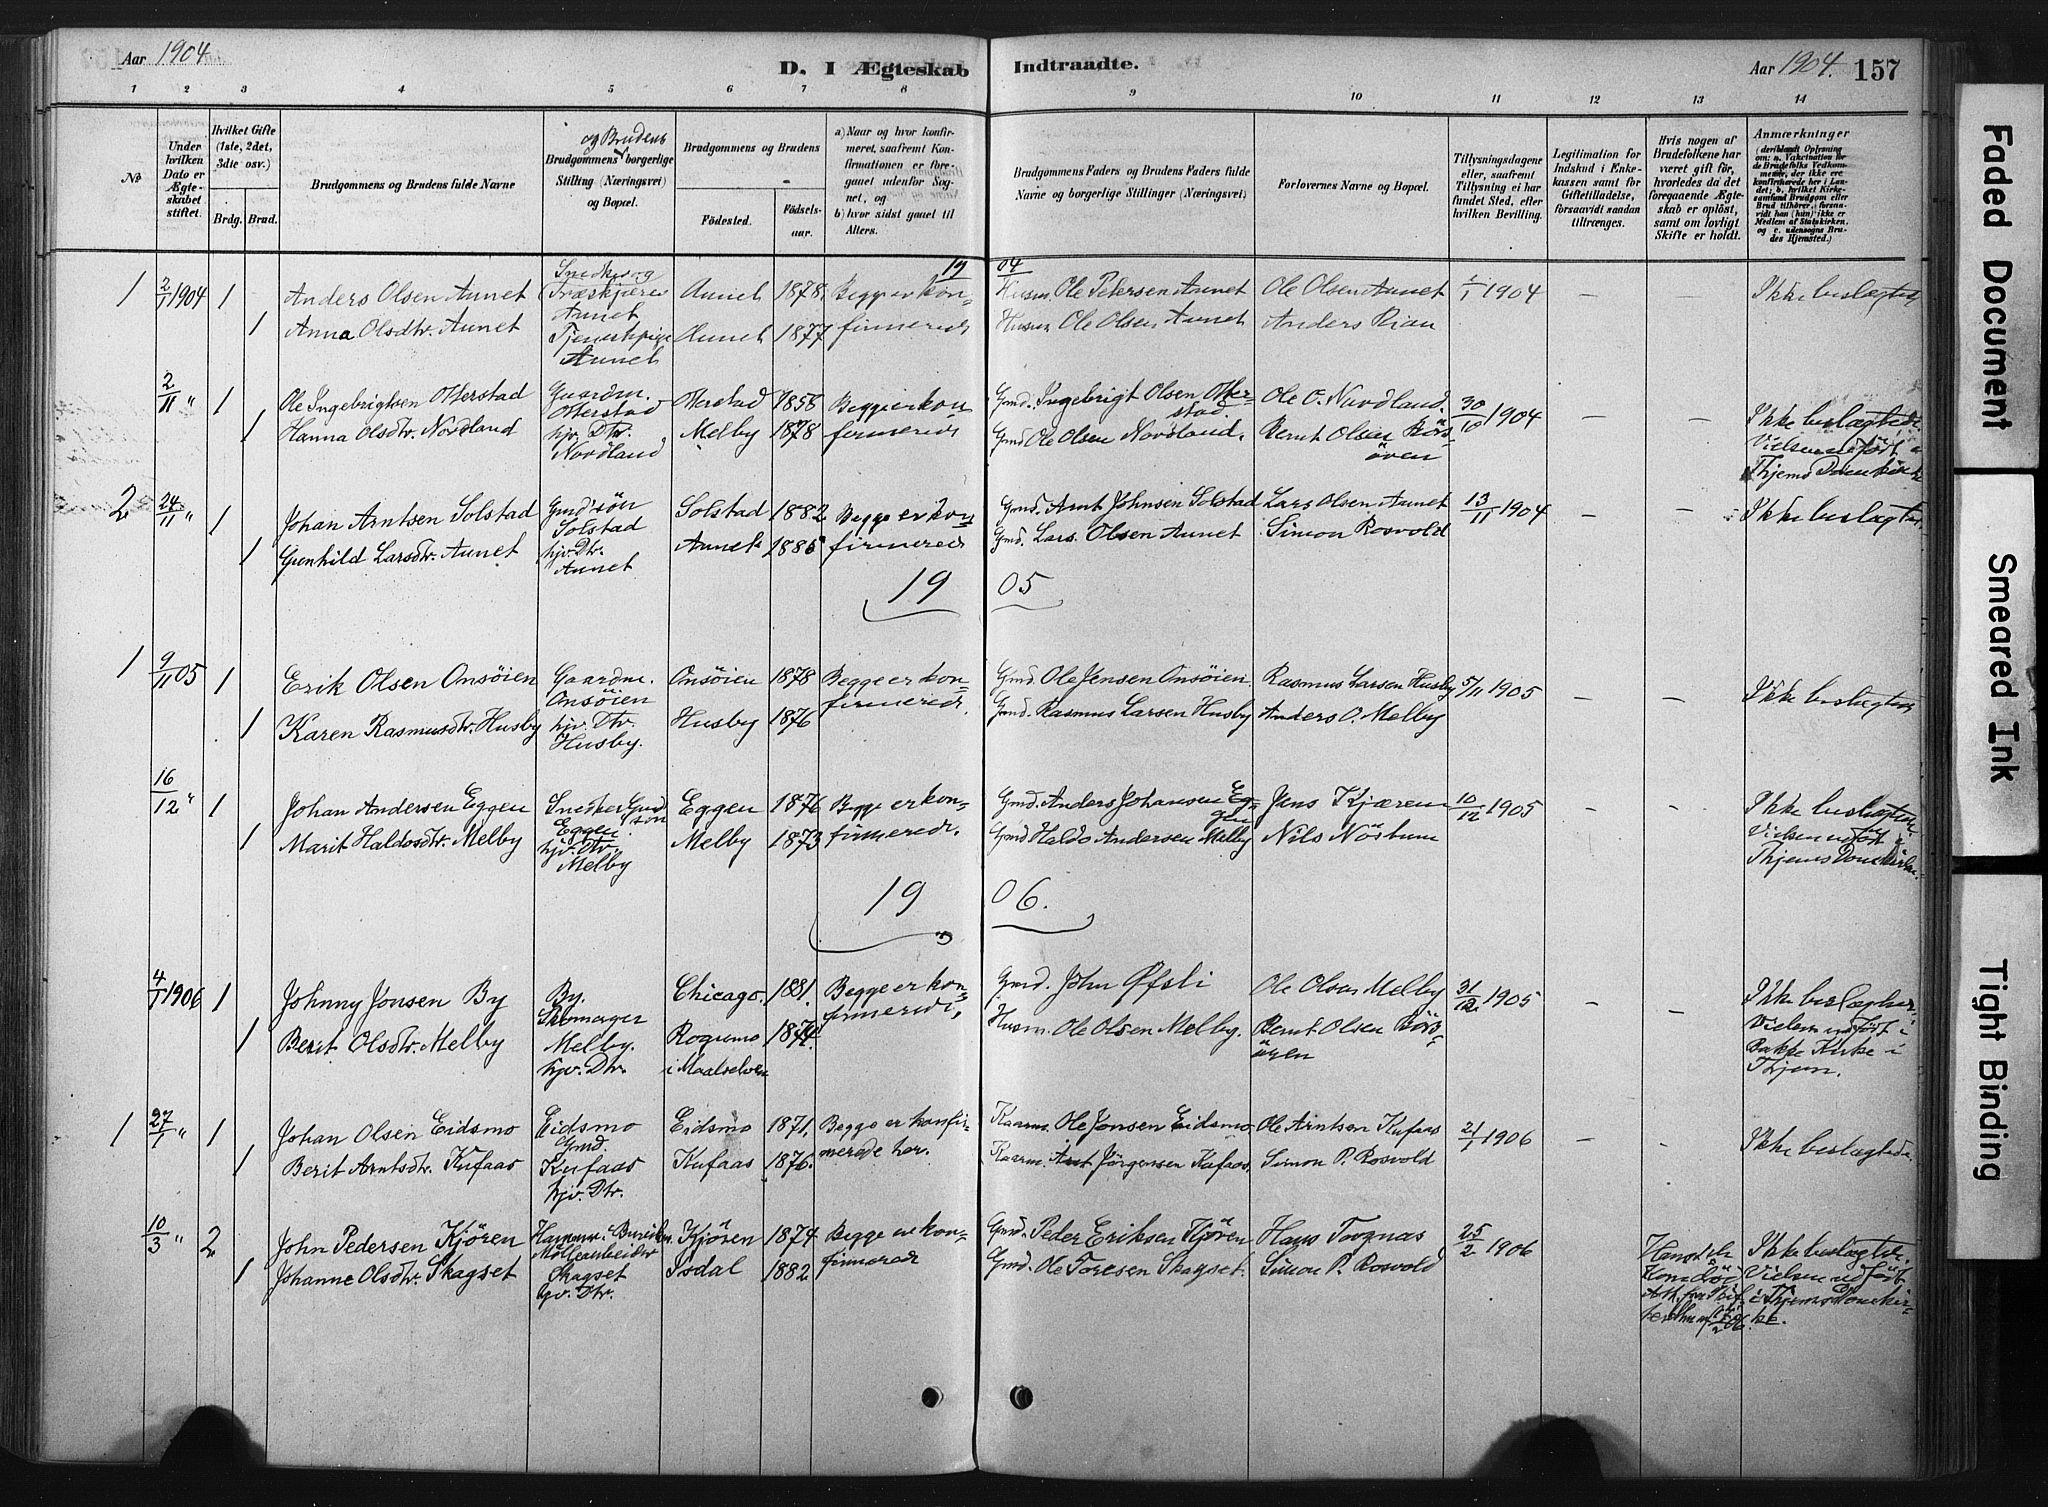 SAT, Ministerialprotokoller, klokkerbøker og fødselsregistre - Sør-Trøndelag, 667/L0795: Ministerialbok nr. 667A03, 1879-1907, s. 157